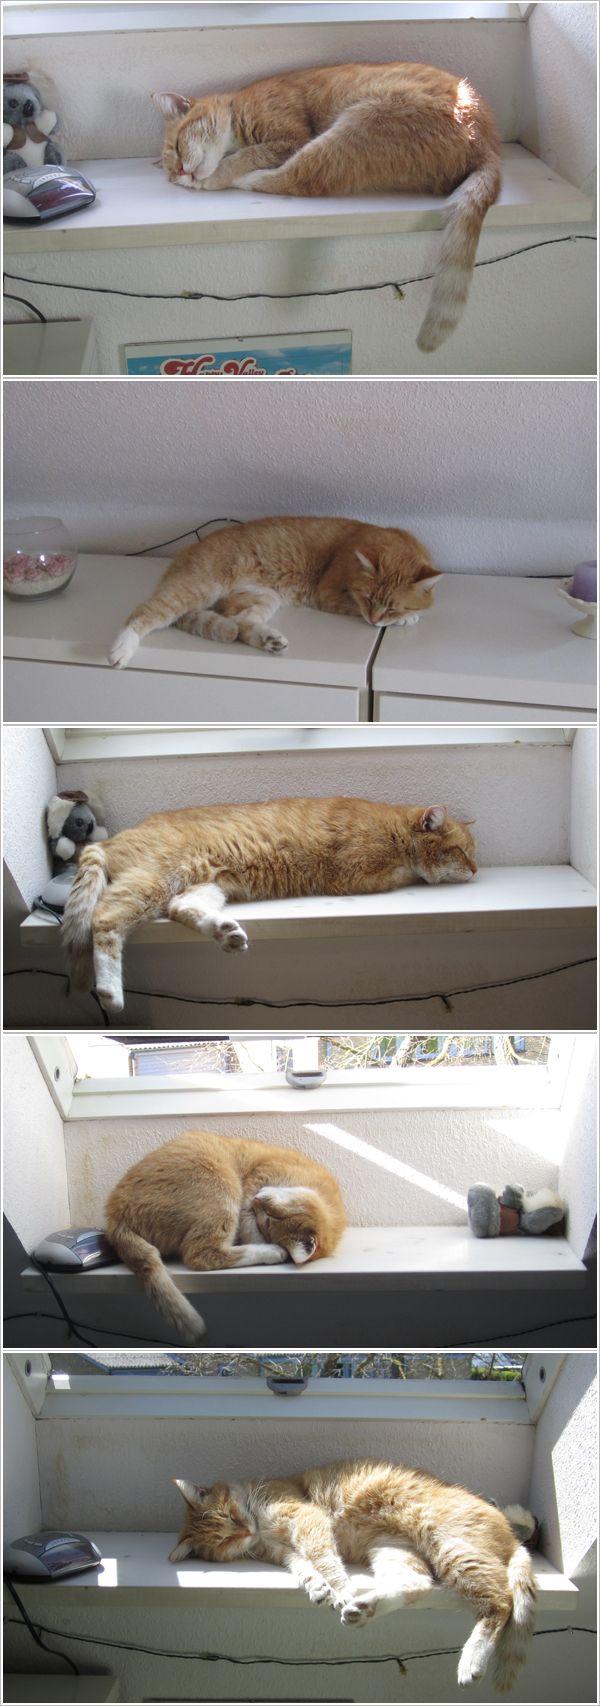 Cat // Kat // Kitten // Cute